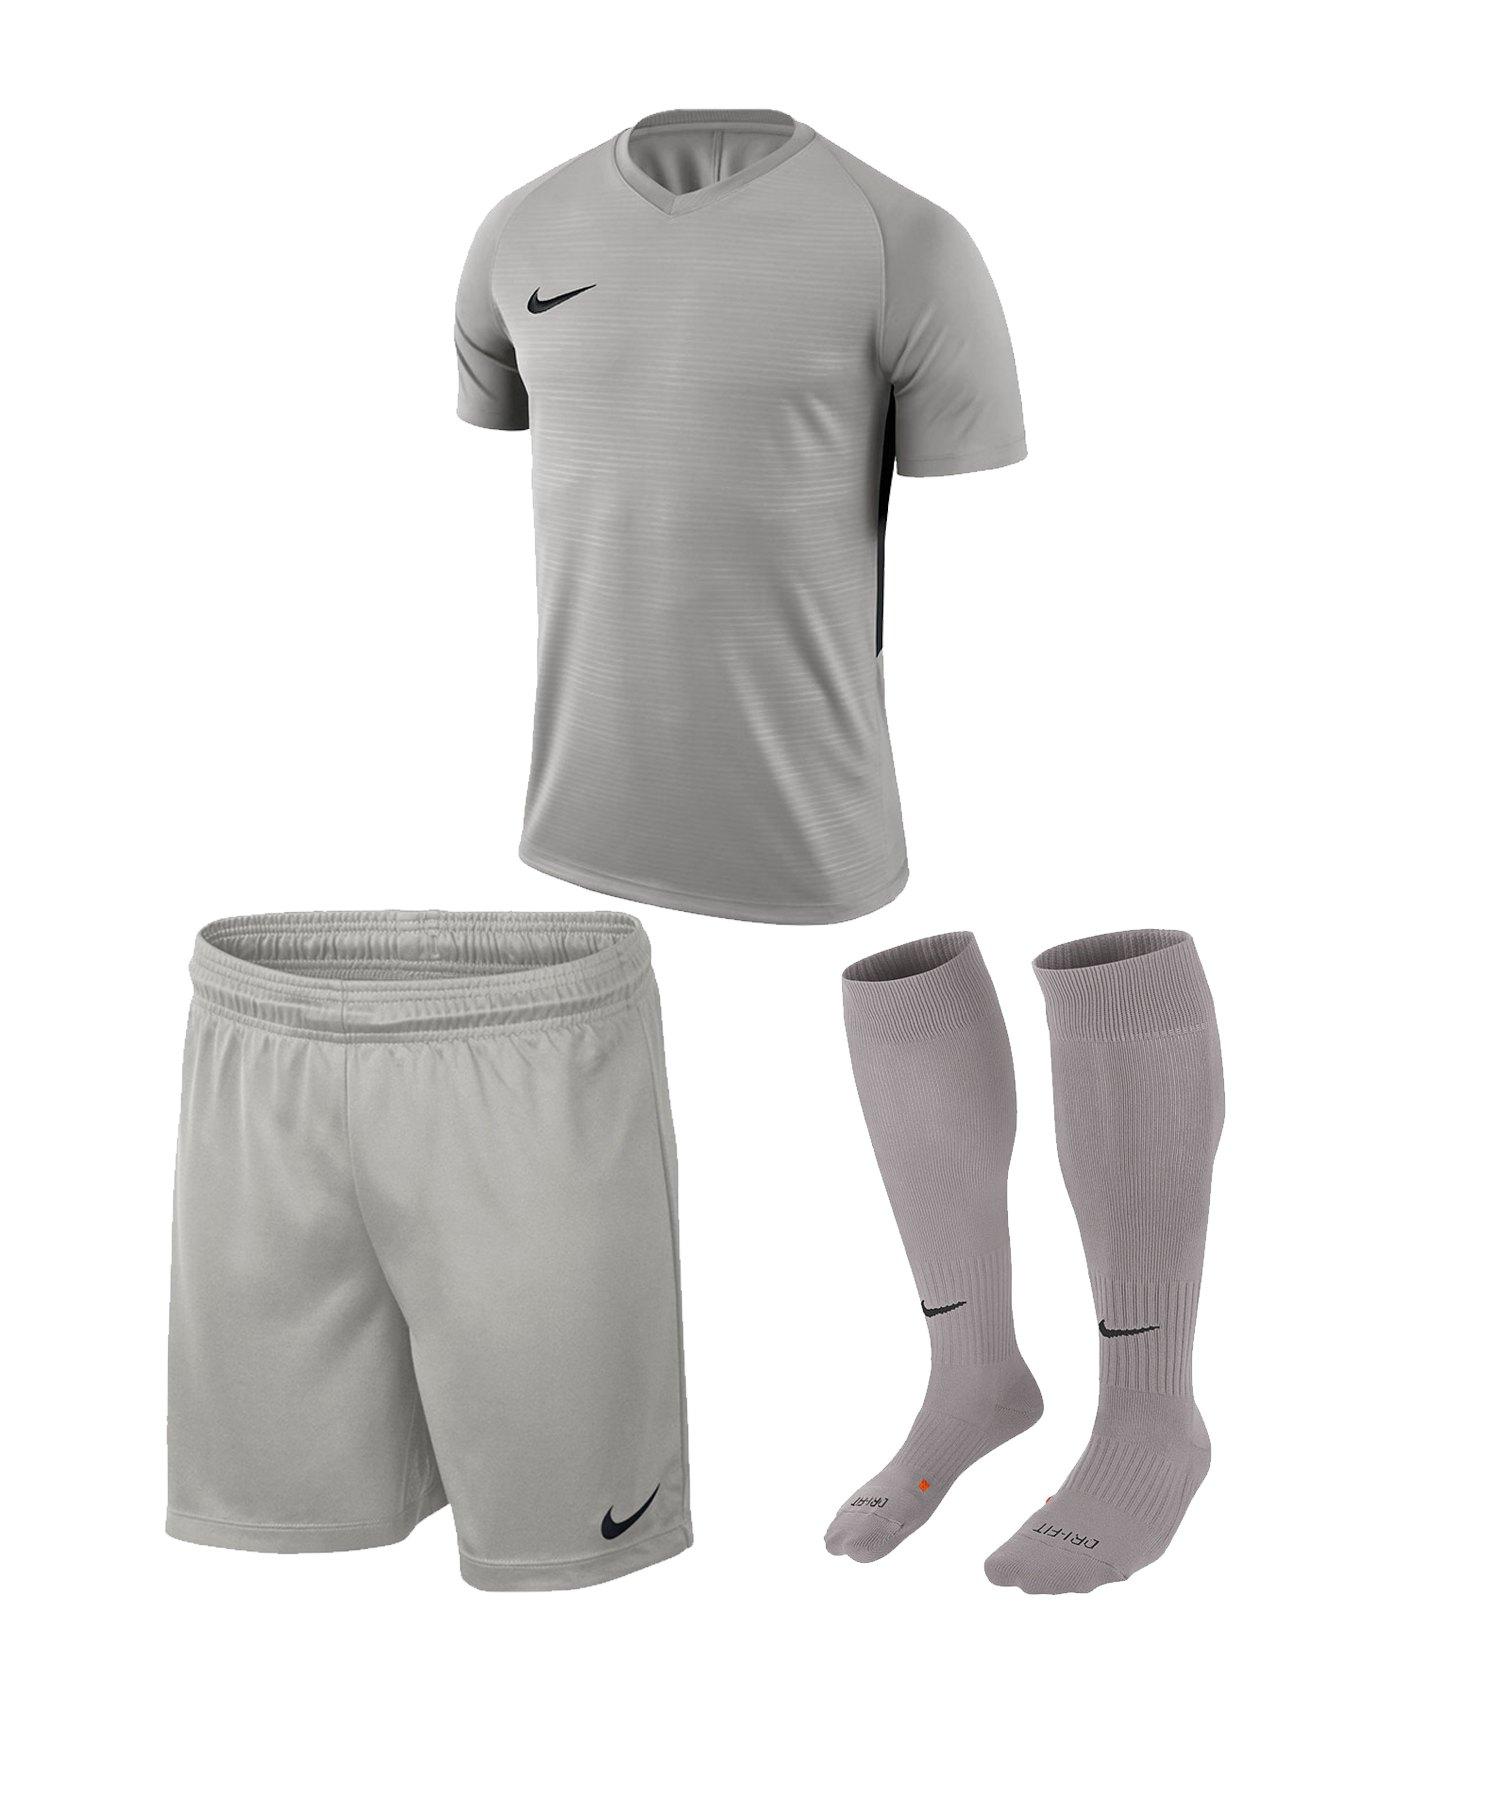 Nike Tiempo Premier Trikotset Kids Grau F057 - grau